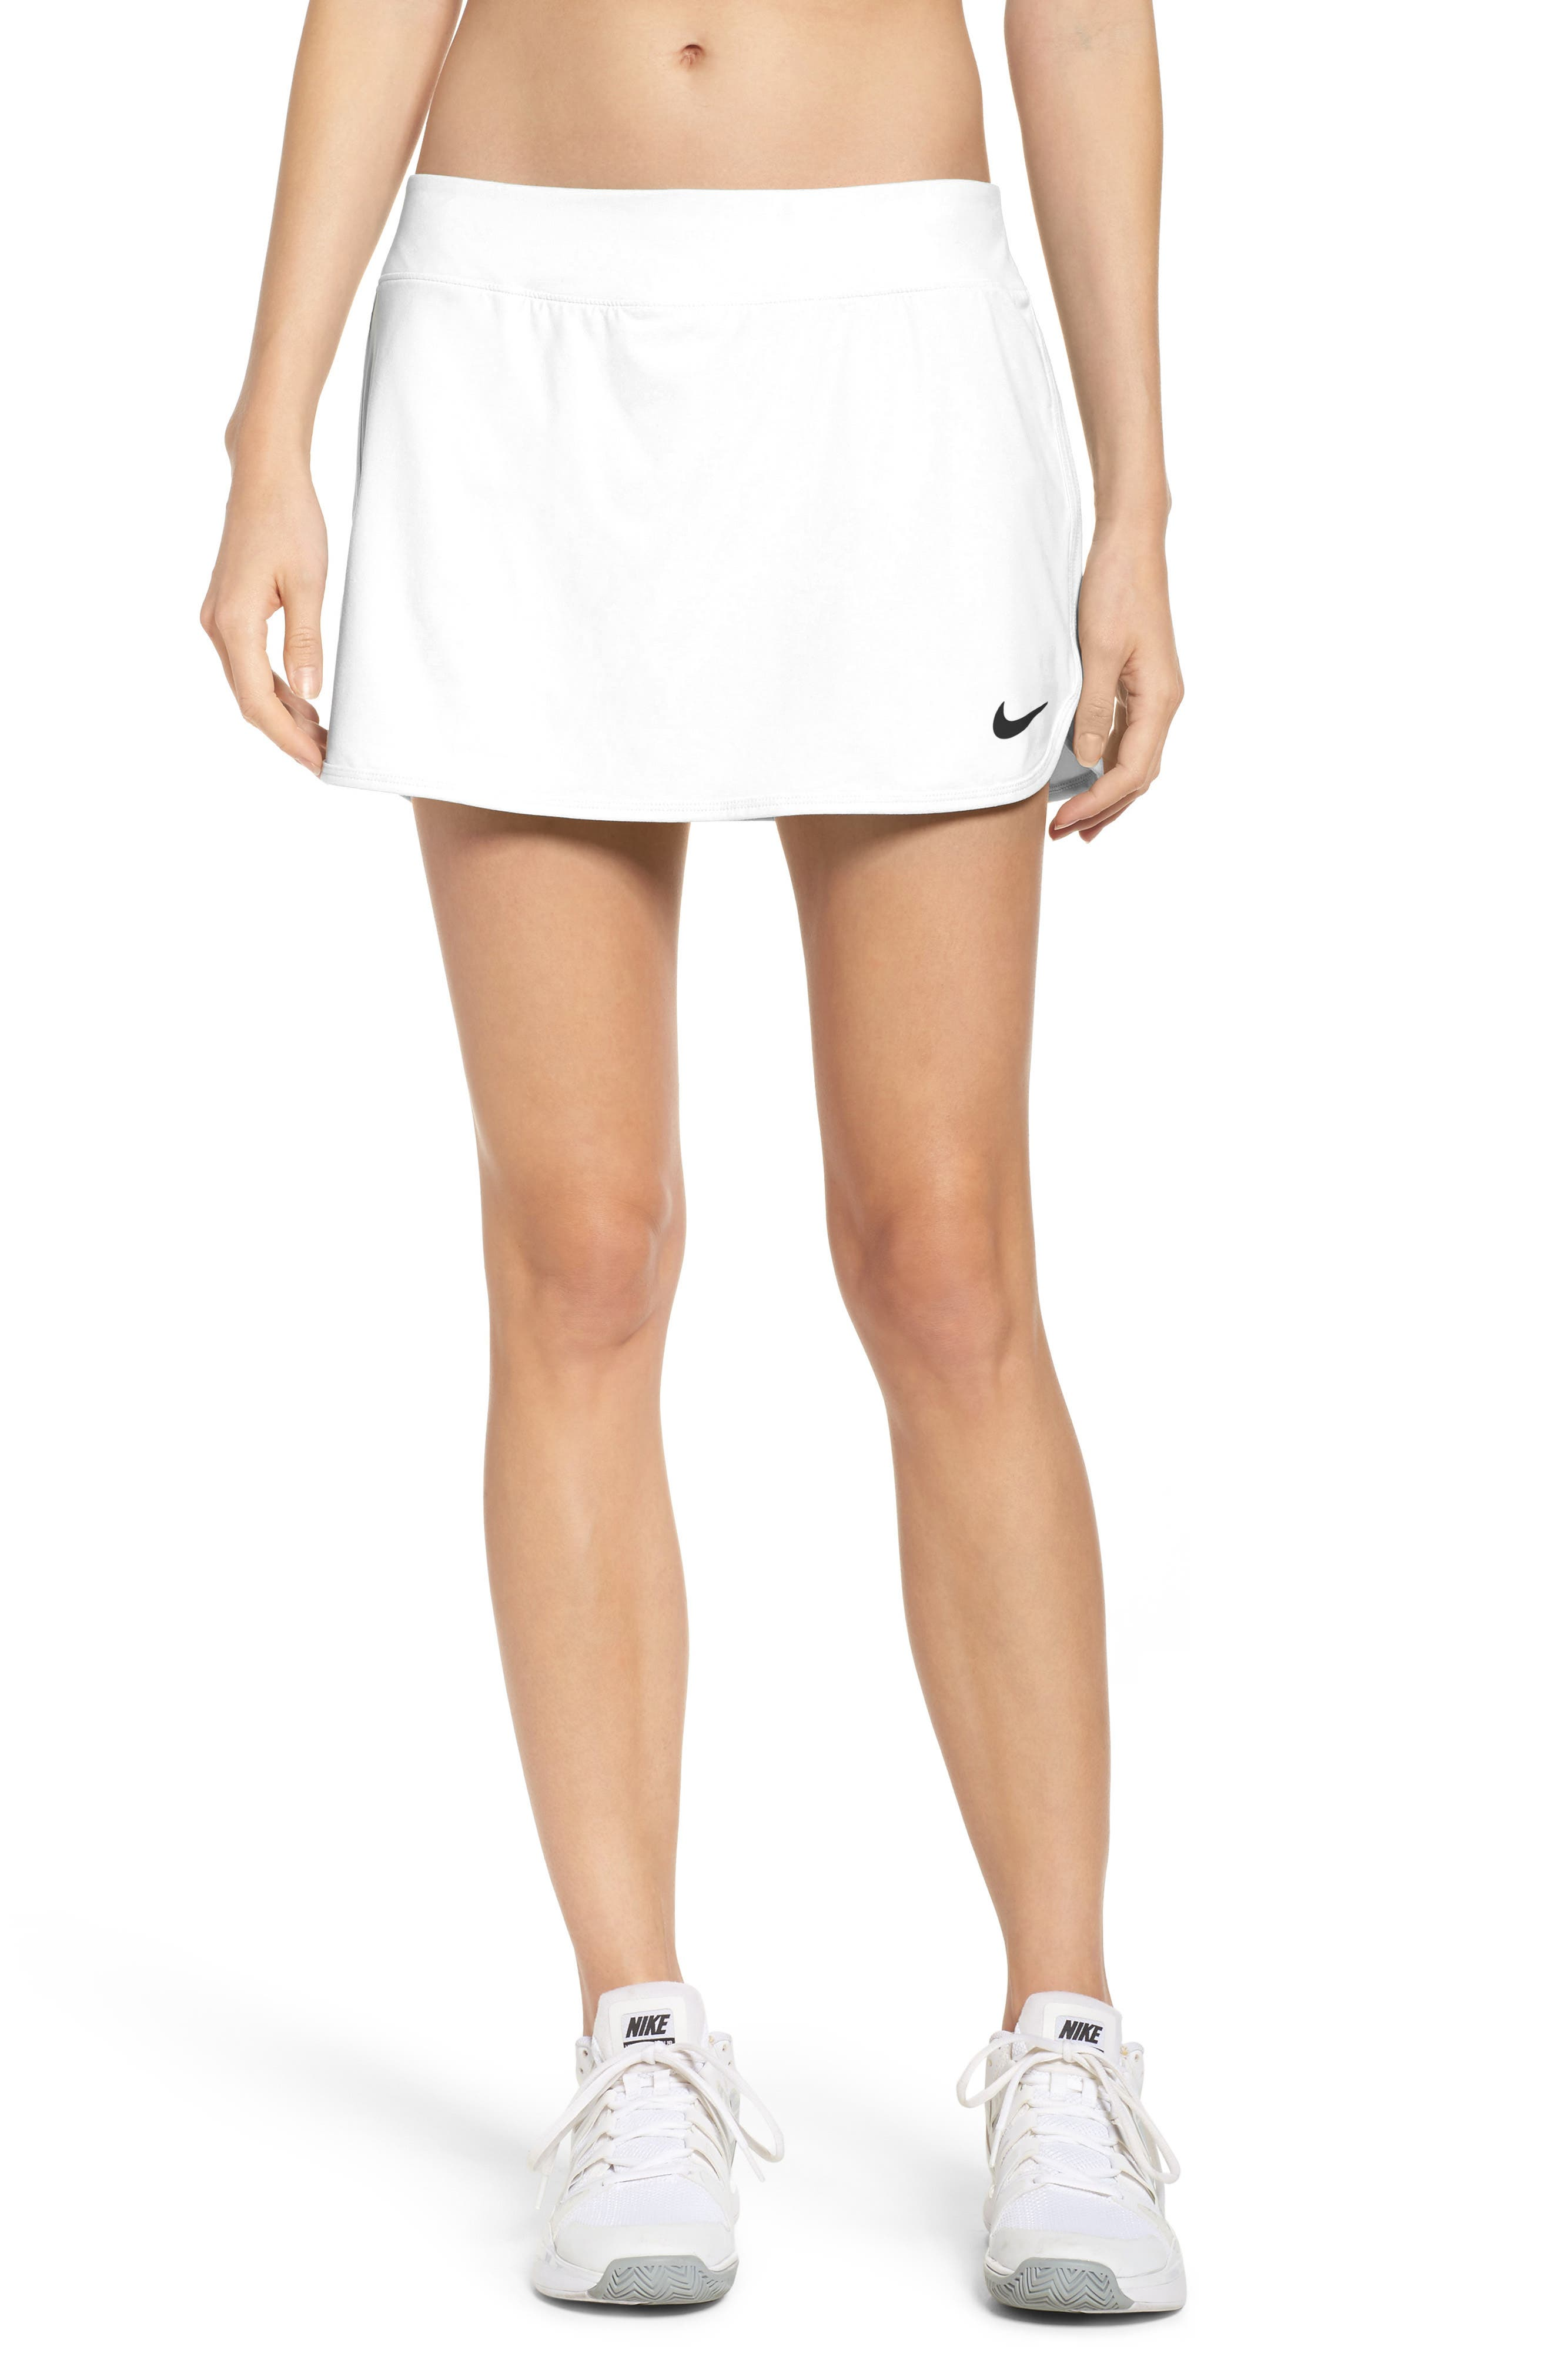 Alternate Image 1 Selected - Nike 'Pure' Dri-FIT Tennis Skirt